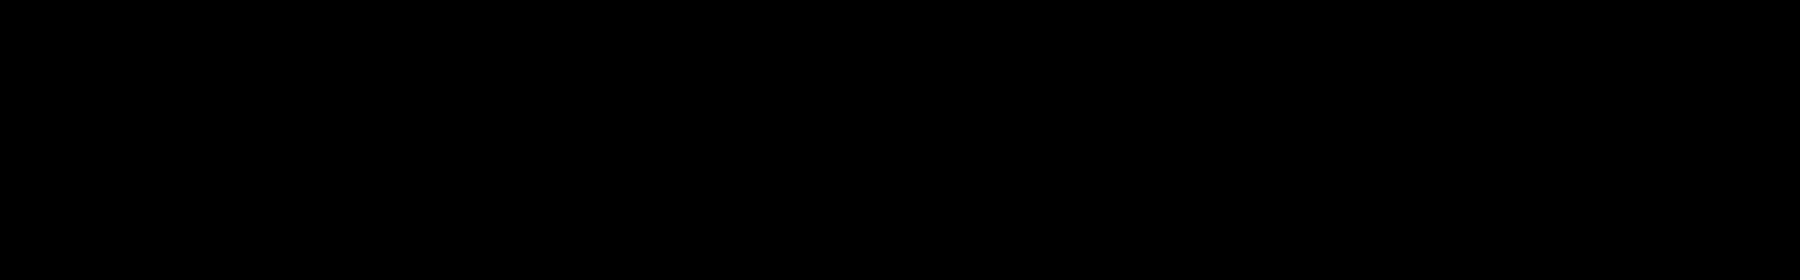 DAZKOL Dubstep For Serum audio waveform